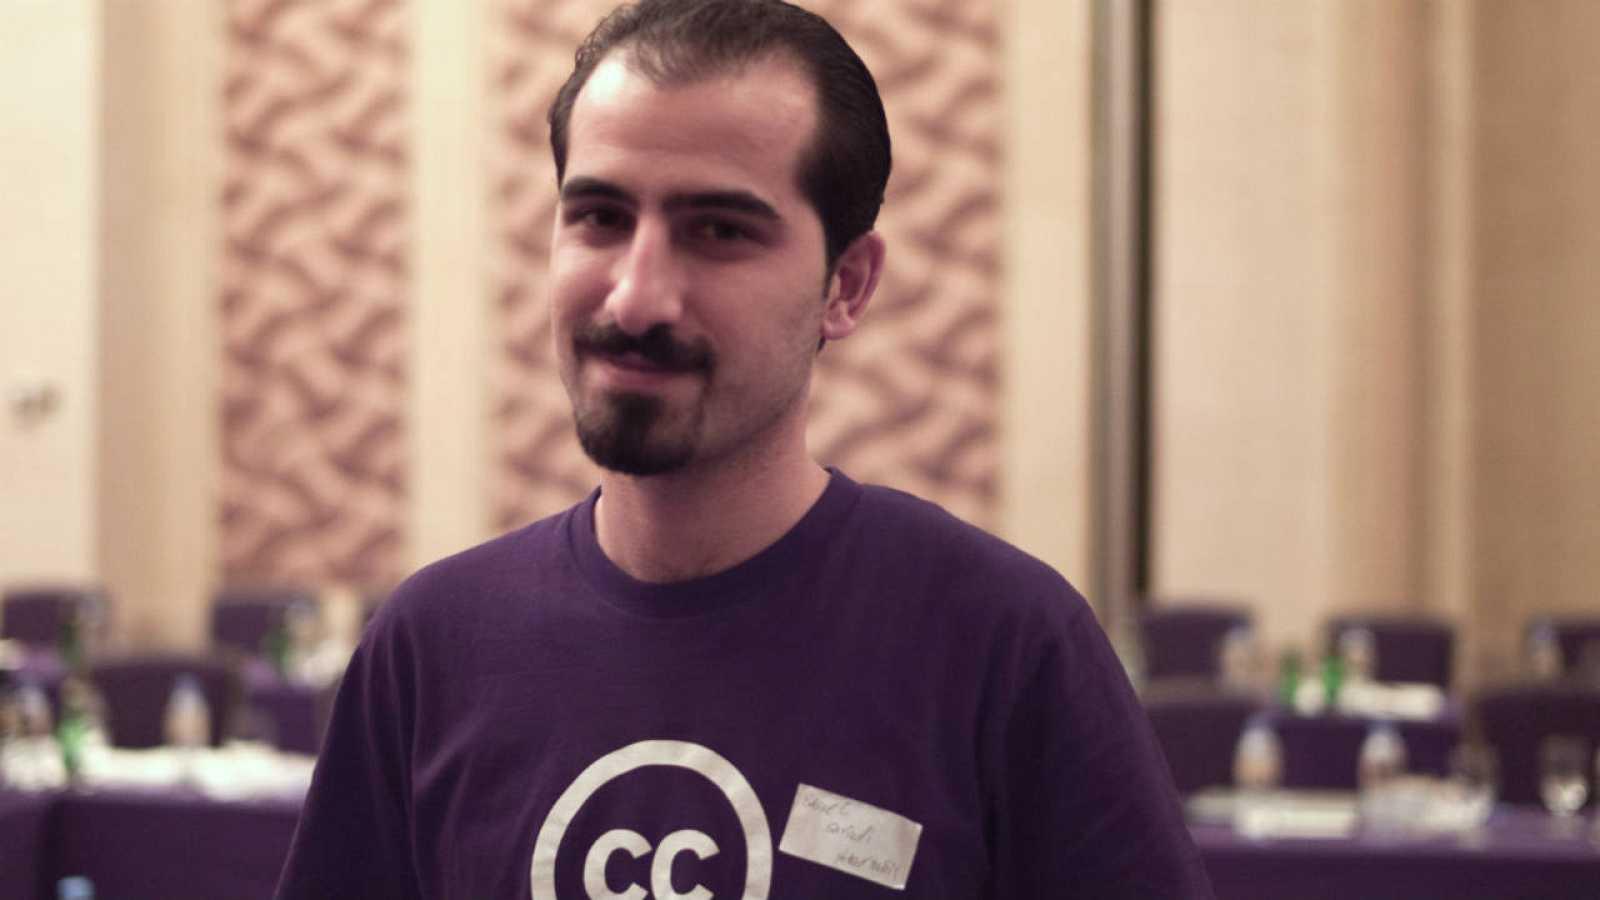 El desarrollador de software de código abierto, Bassel Khartabil, en 2010